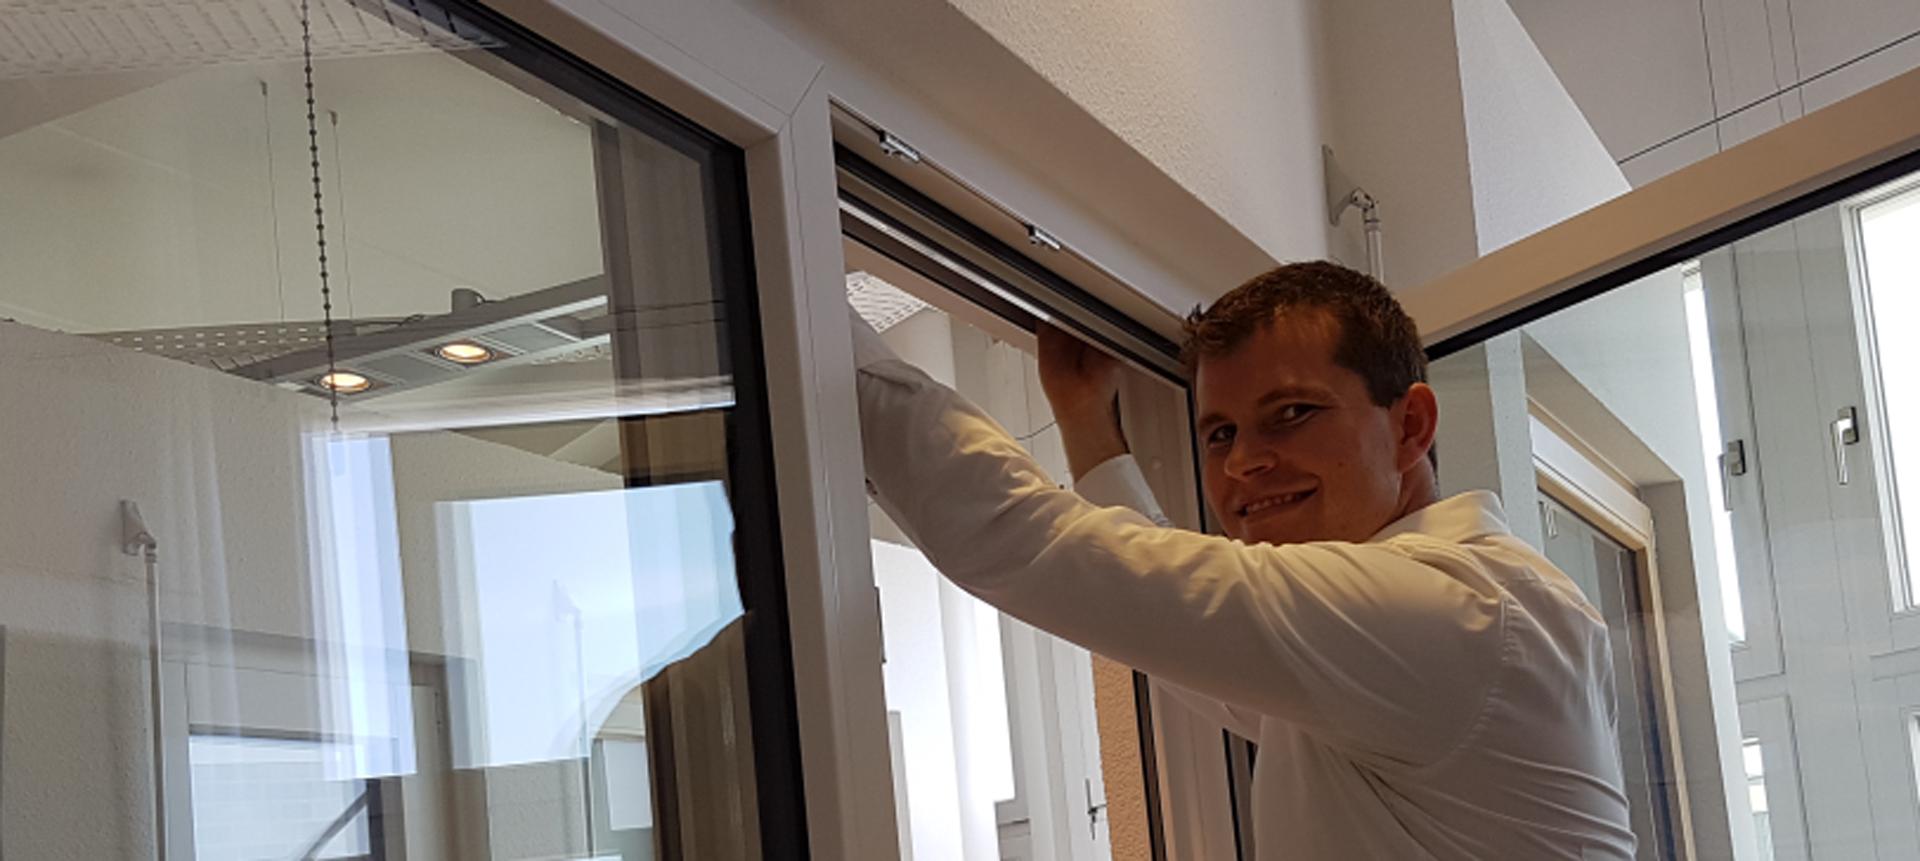 Full Size of Rollladengetriebe Austauschen Einbruchschutzfolie Fenster Schallschutz Einbauen Meeth Rc 2 Dachschräge Fliegengitter Maßanfertigung Nach Maß Folie Für Fenster Fenster Tauschen